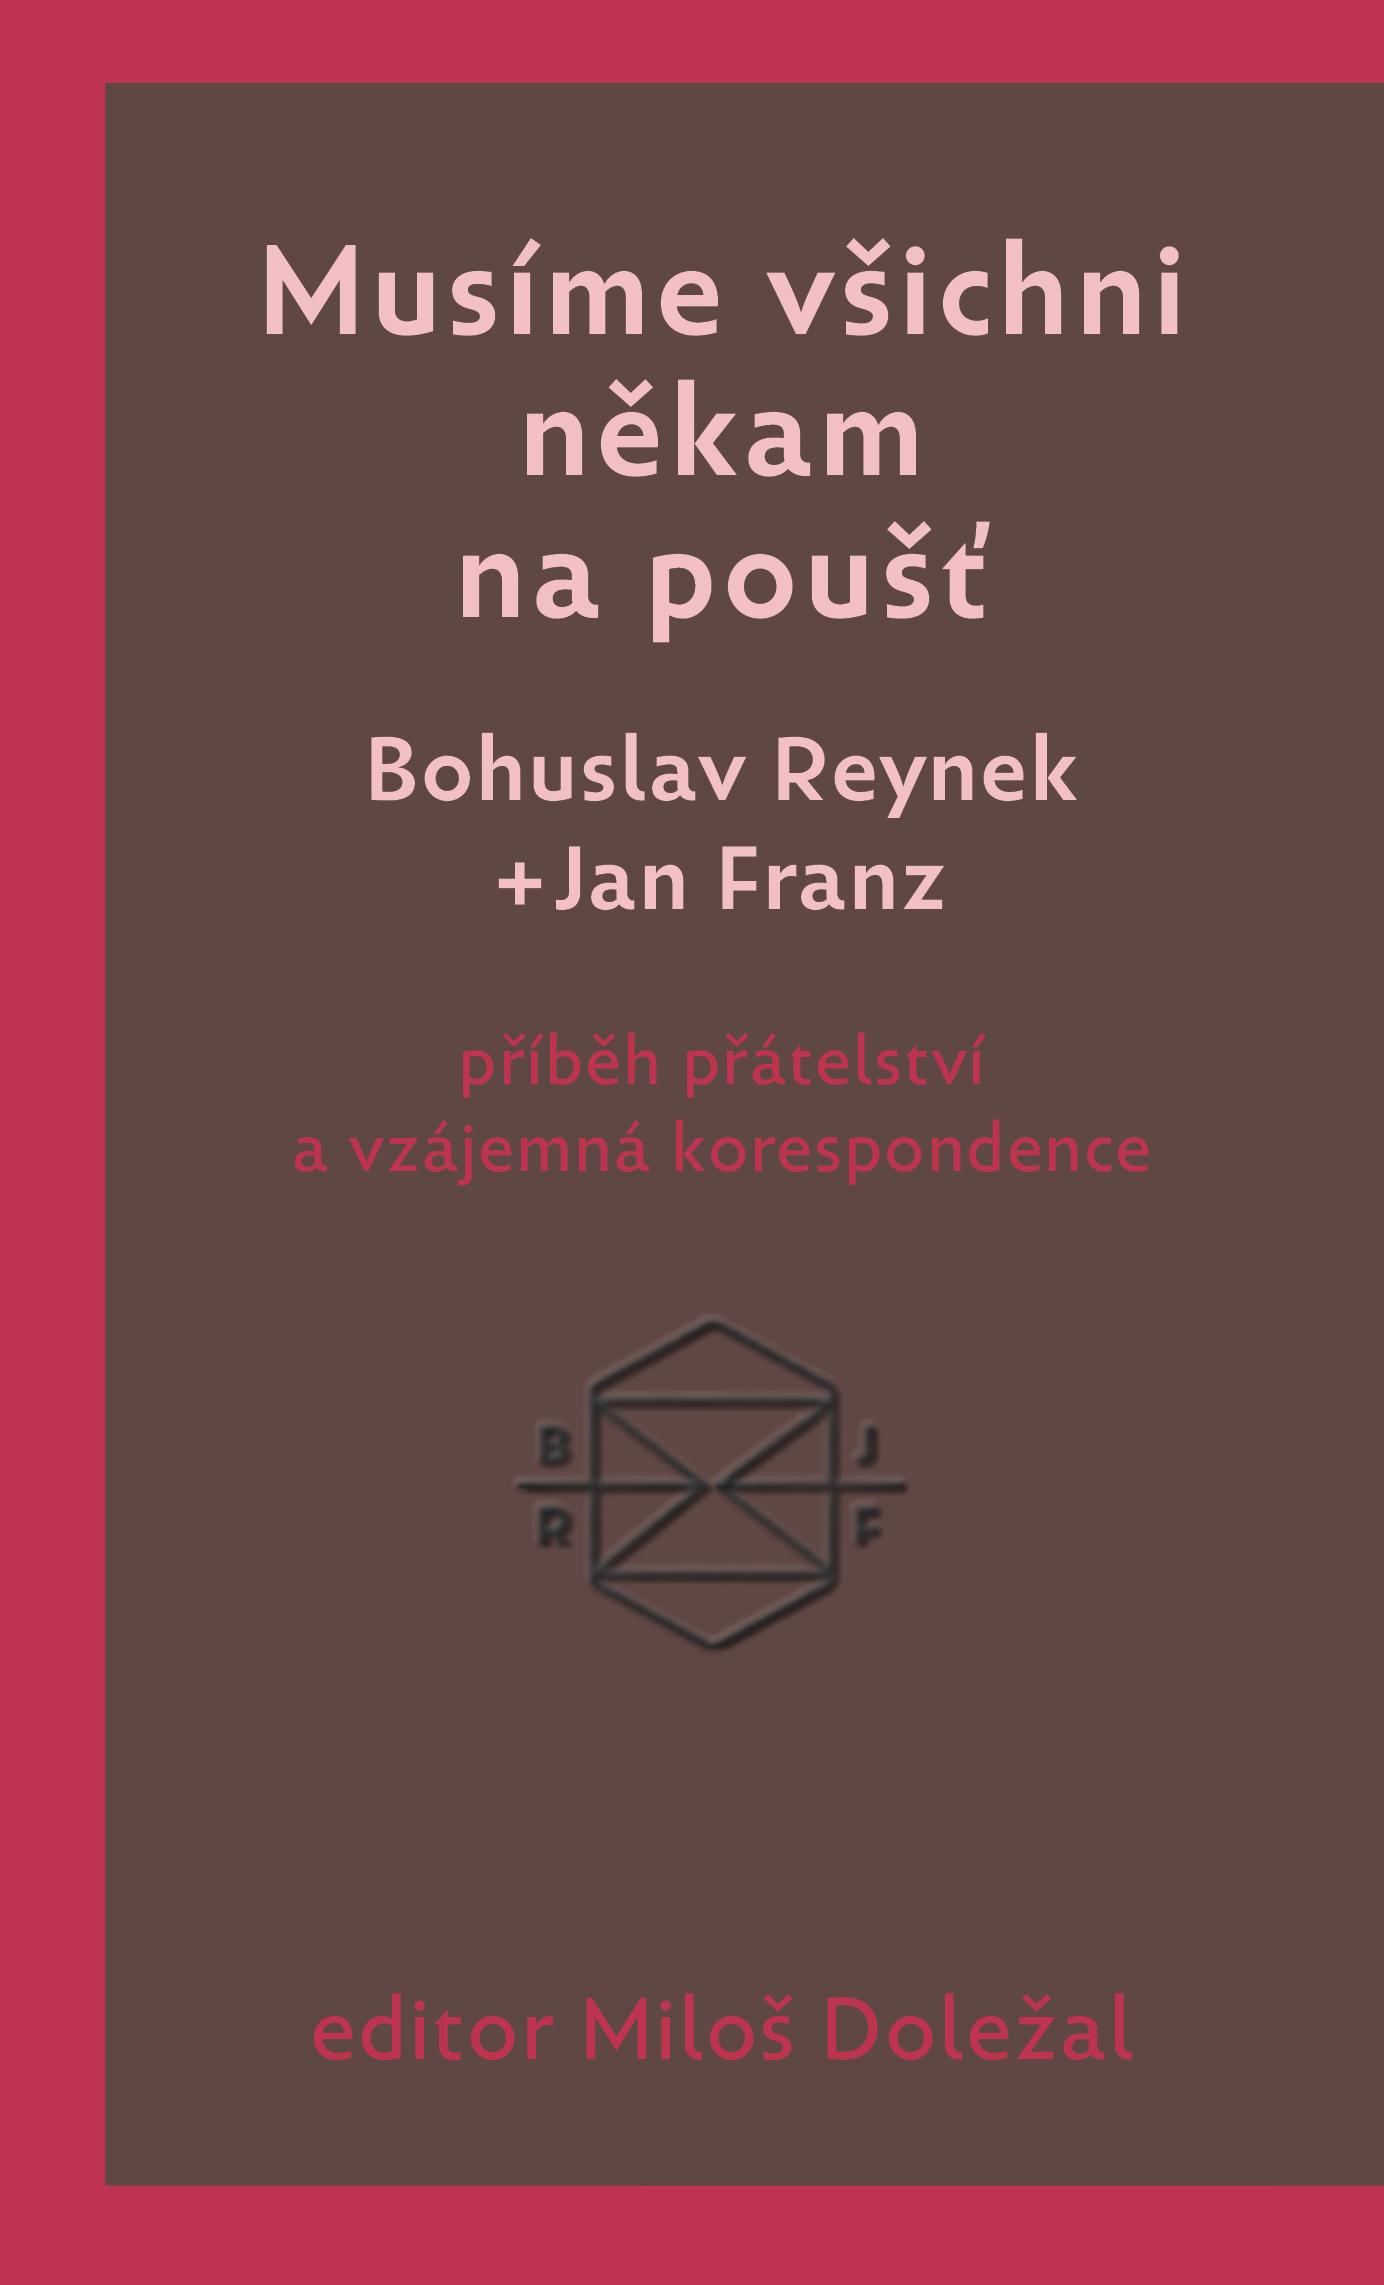 Musíme všichni někam na poušť - Bohuslav Reynek + Jan Franz